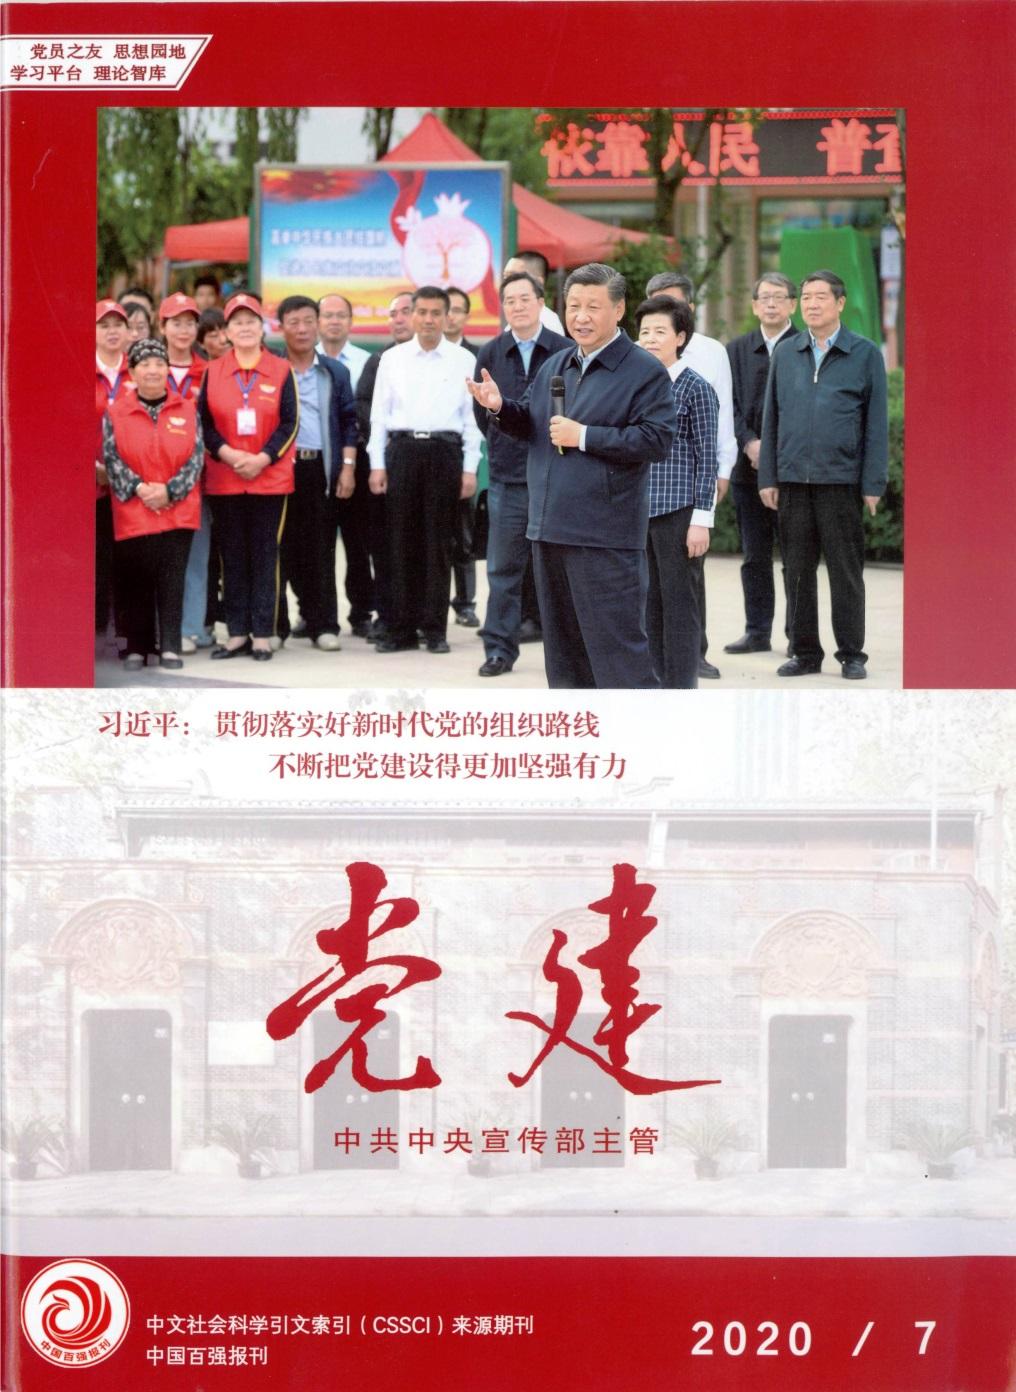 http://www.weixinrensheng.com/zhichang/2328911.html